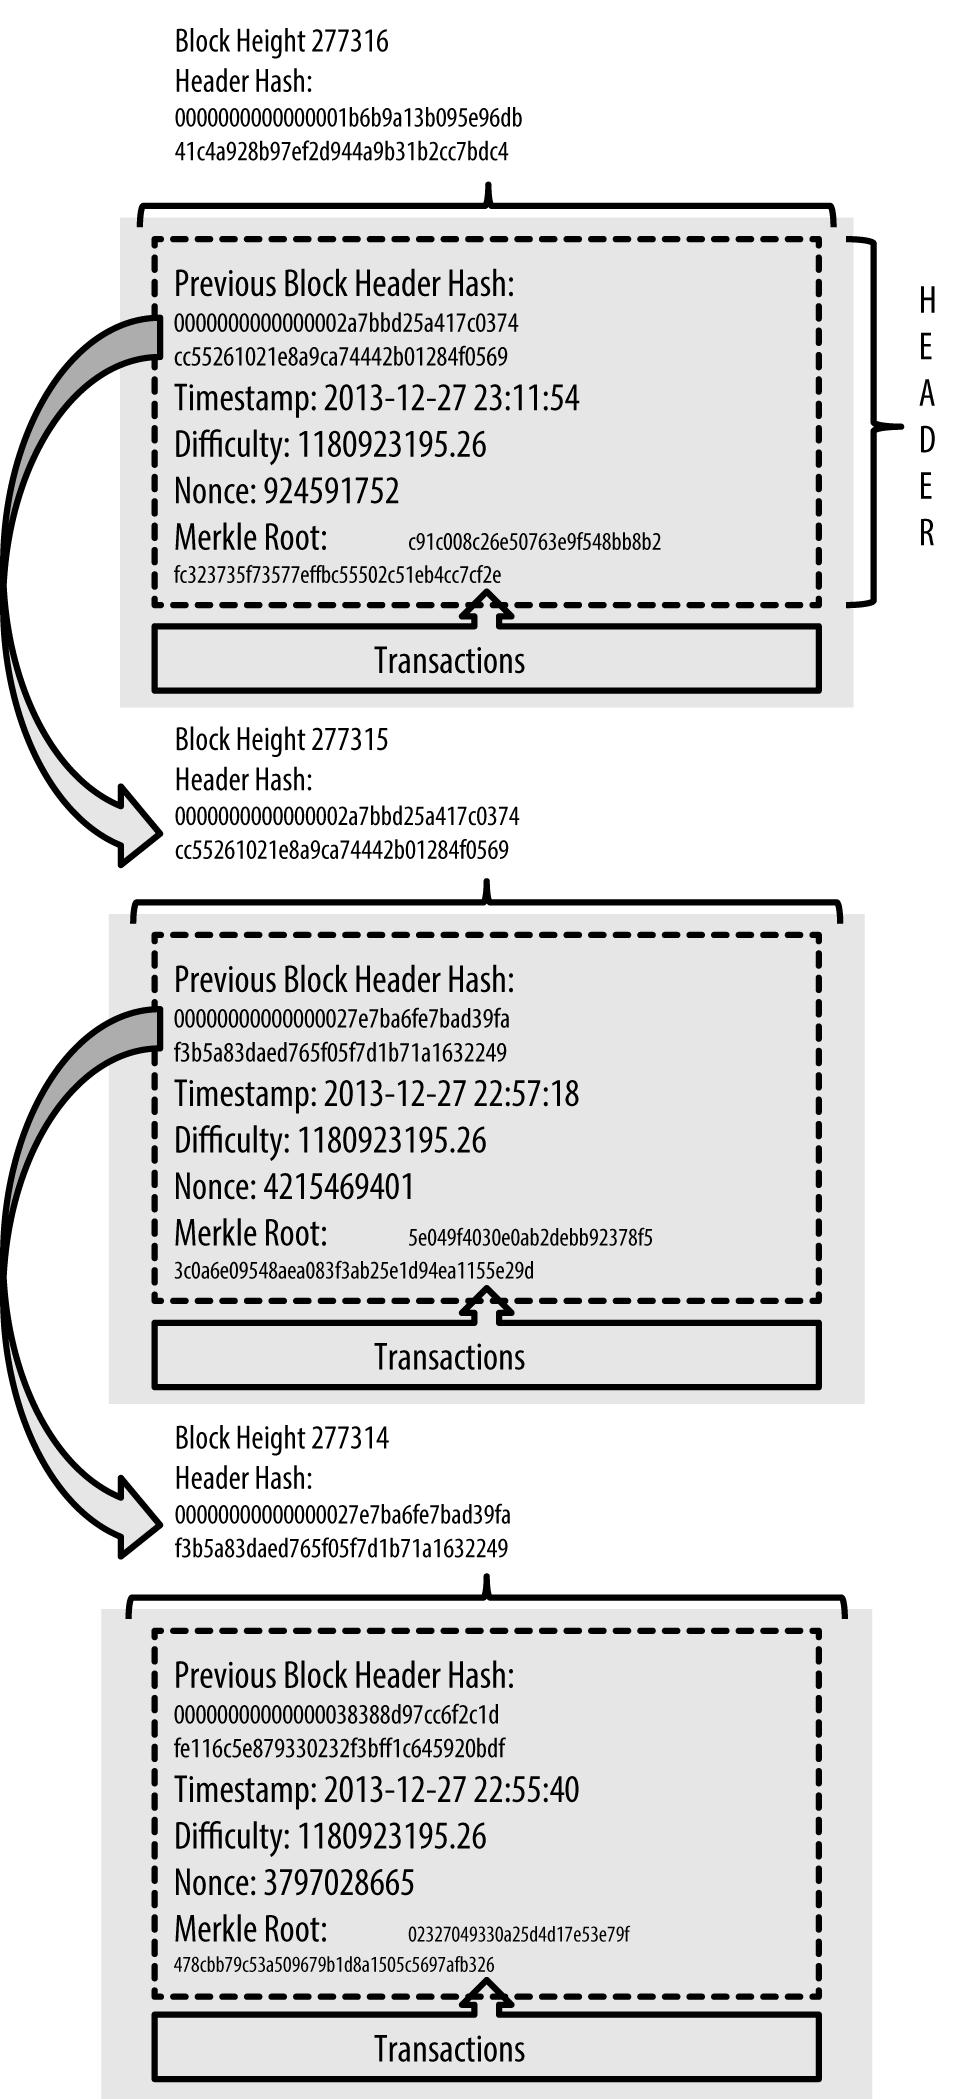 图9-1 区块通过引用父区块的区块头哈希值的方式,以链条的形式进行相连